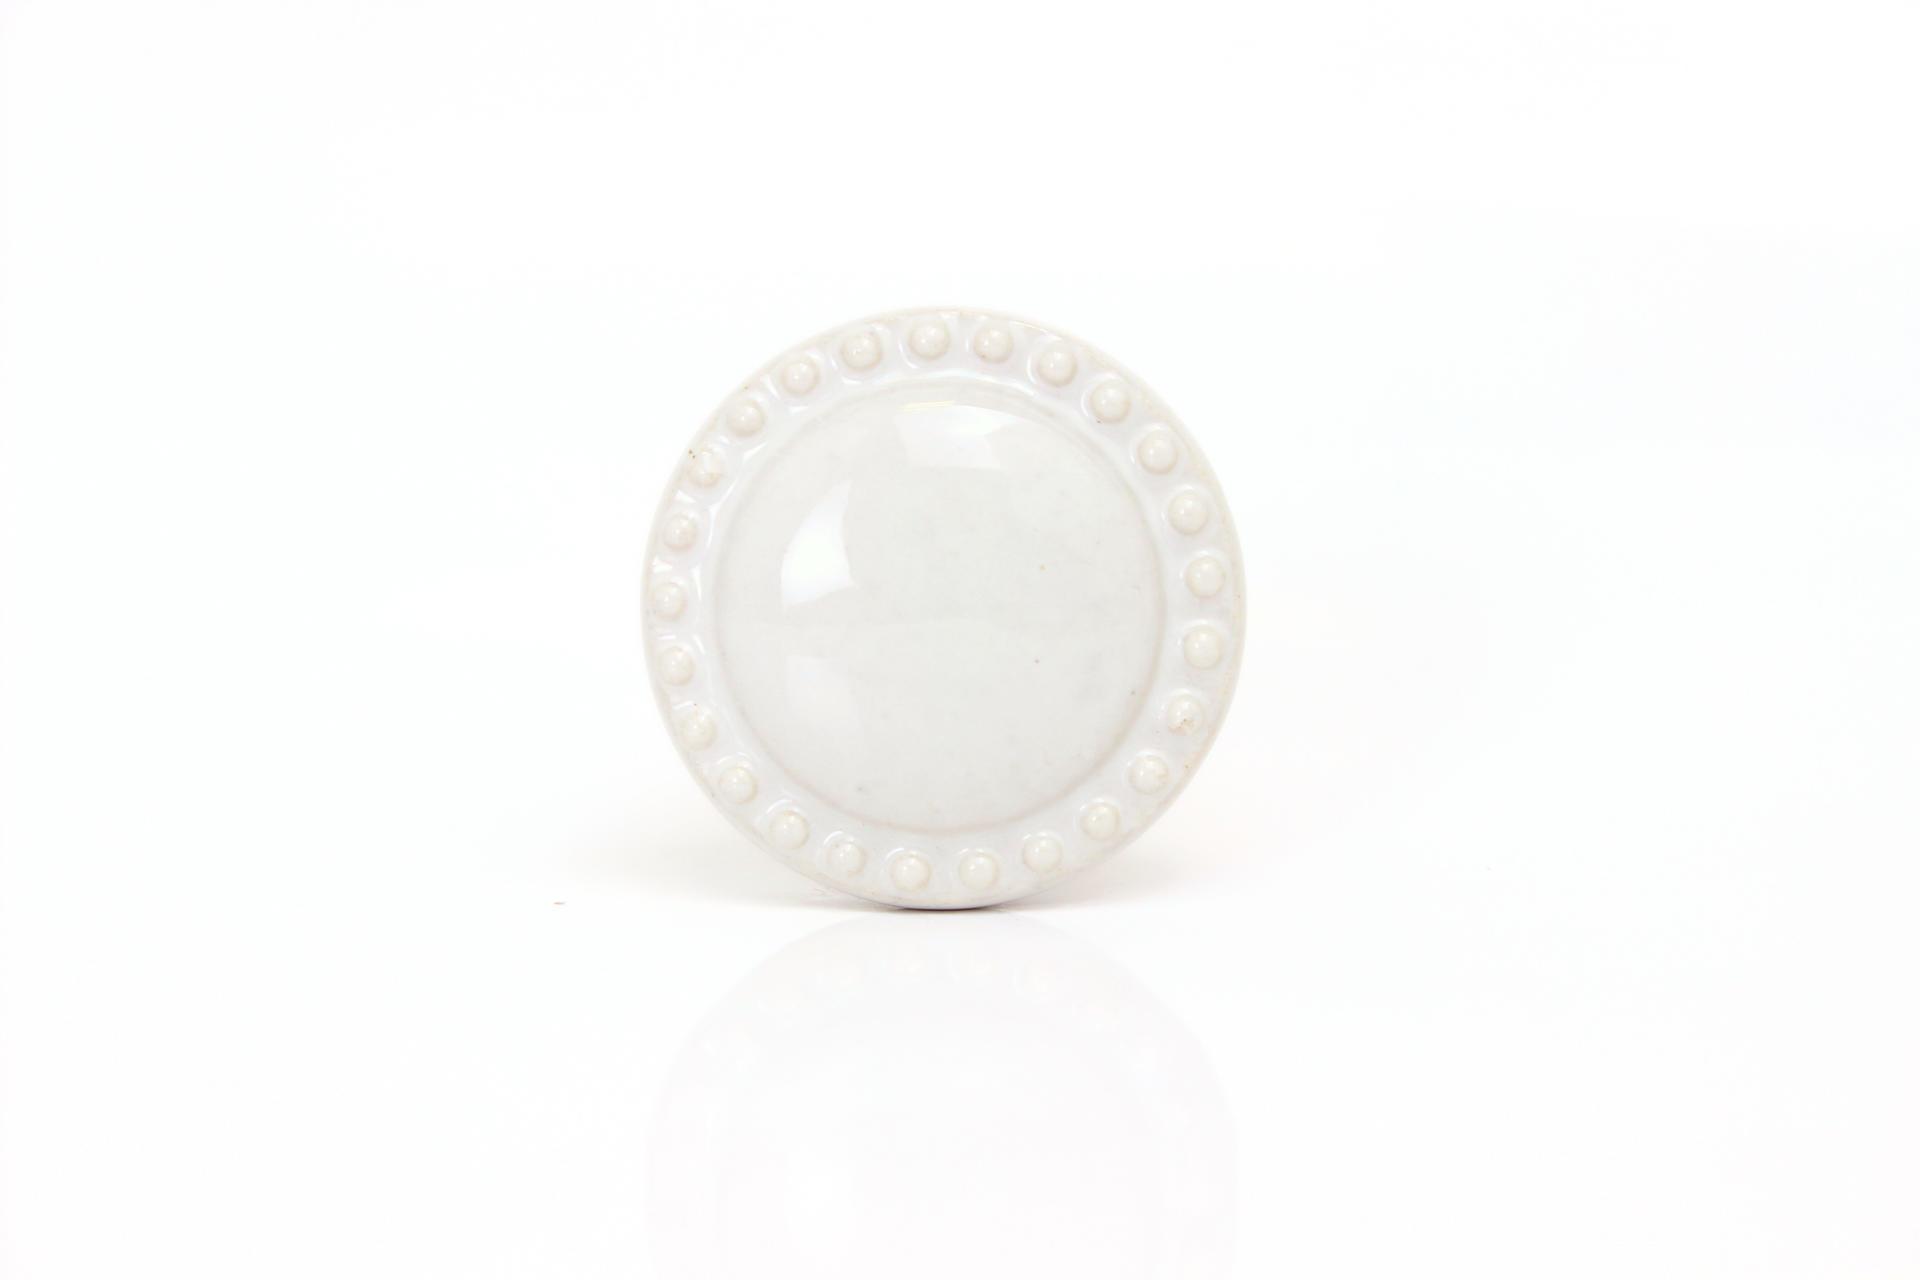 La finesse Porcelánová úchytka kulatá bílá, bílá barva, porcelán 40 mm